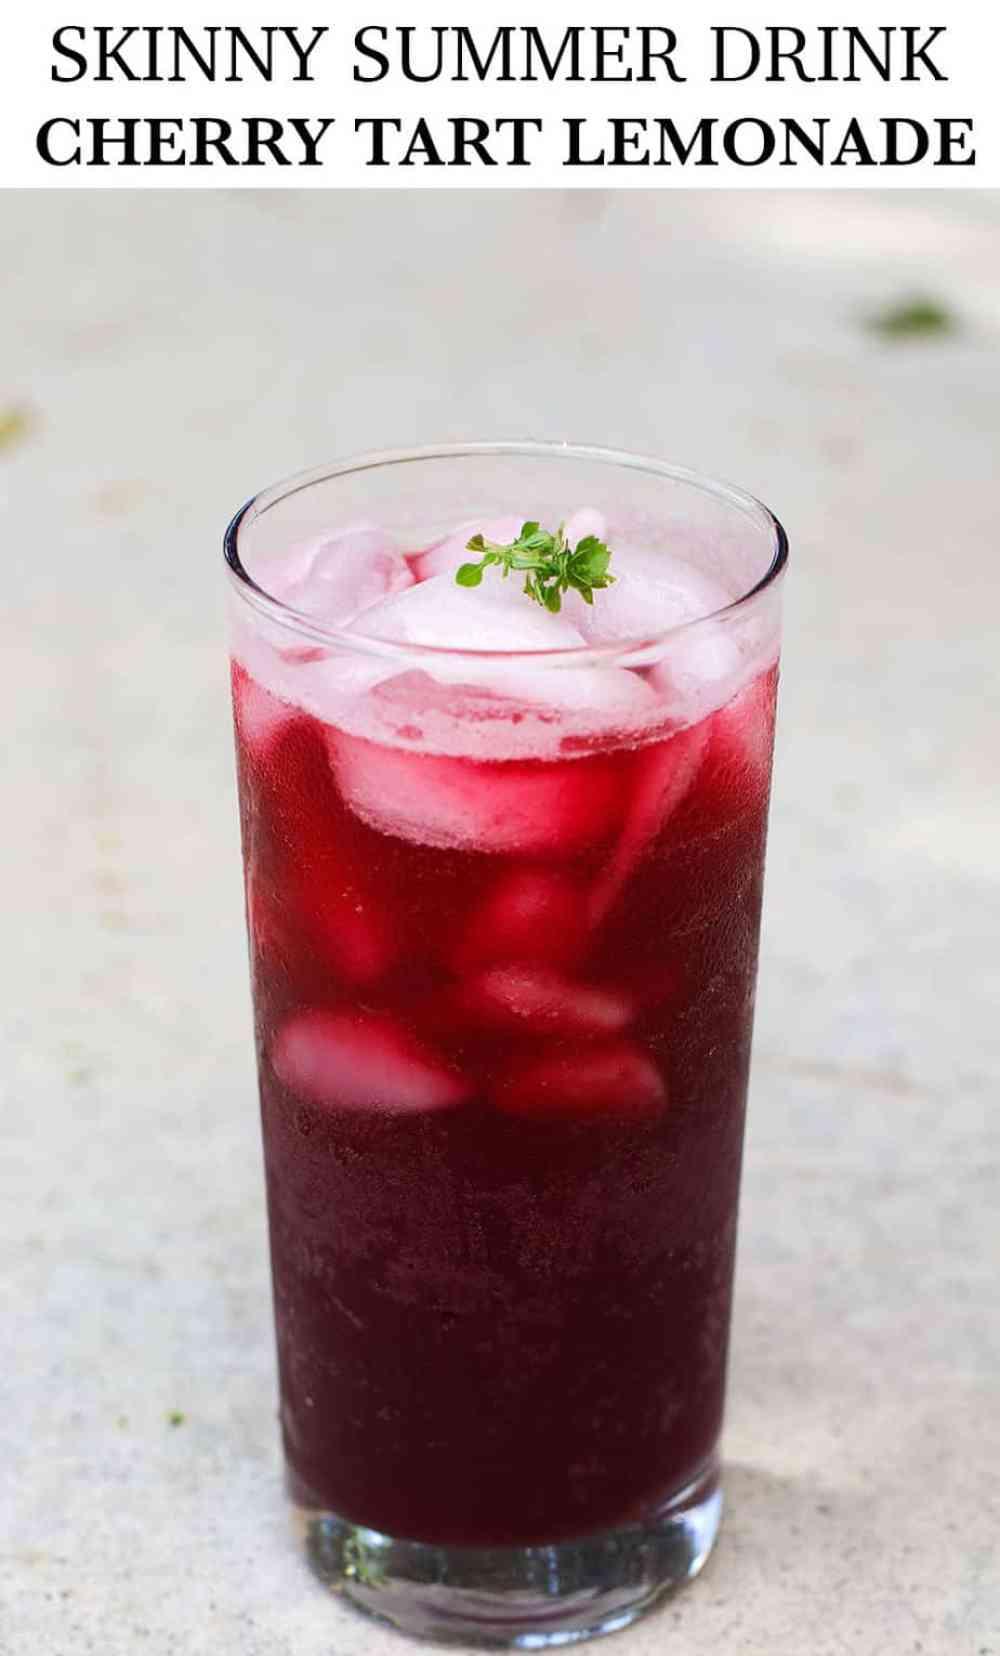 SKINNY-SUMMER-DRINK-CHERRY-TART-LEMONADE